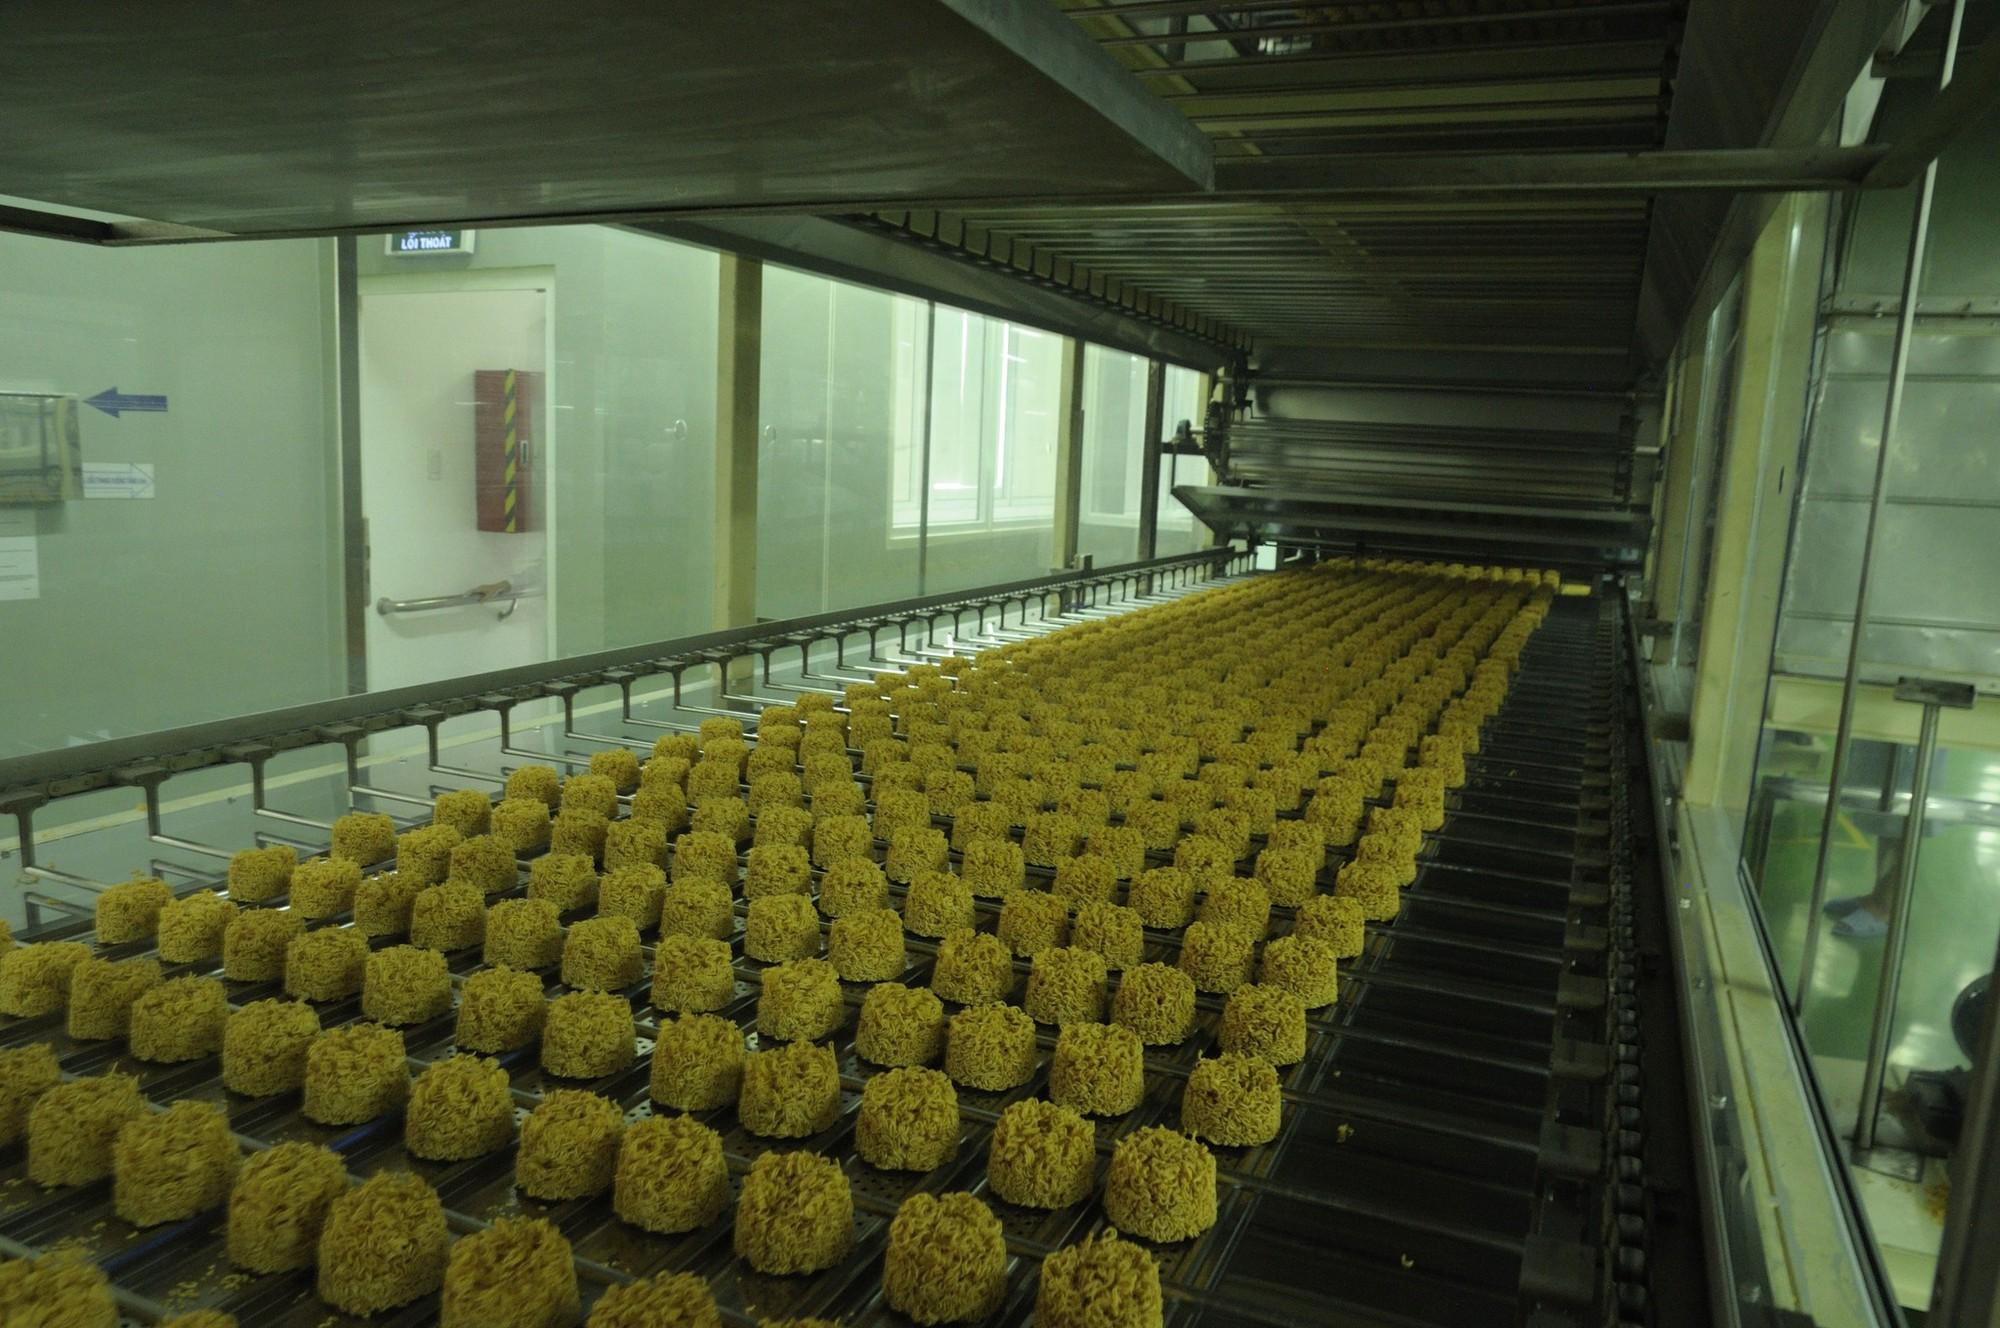 Mì ăn liền hiện đại đang được sản xuất như thế nào? - Ảnh 9.